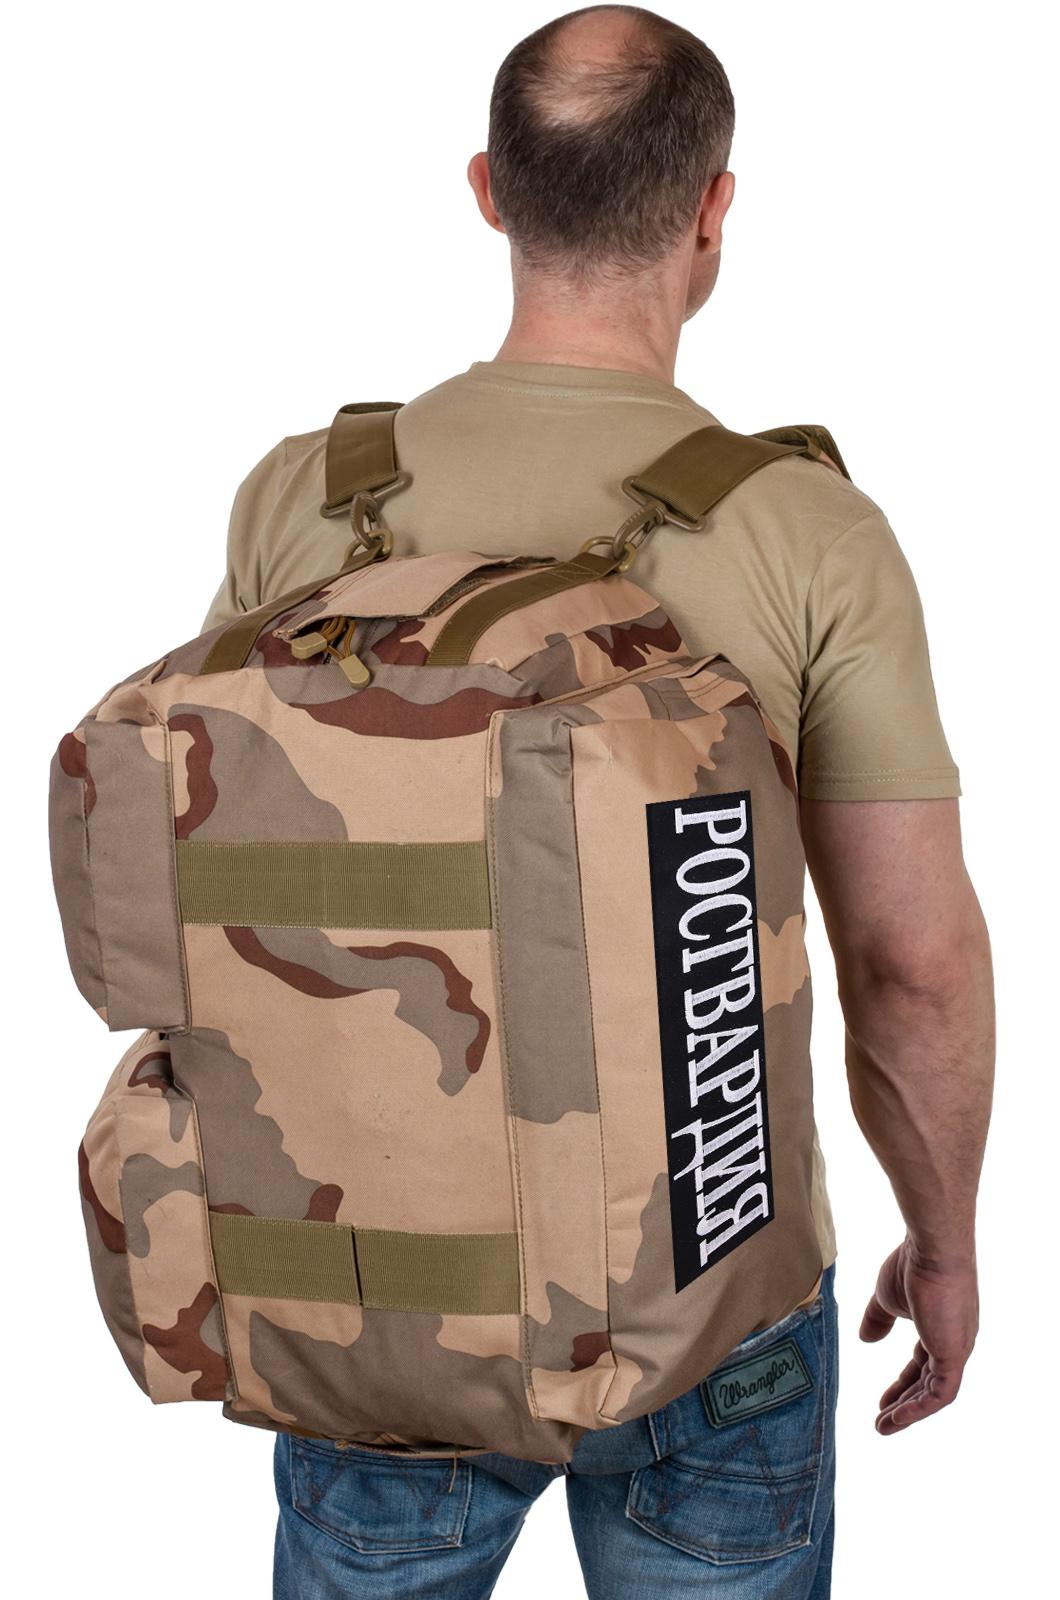 Купить военную дорожную сумку Росгвардия с доставкой онлайн